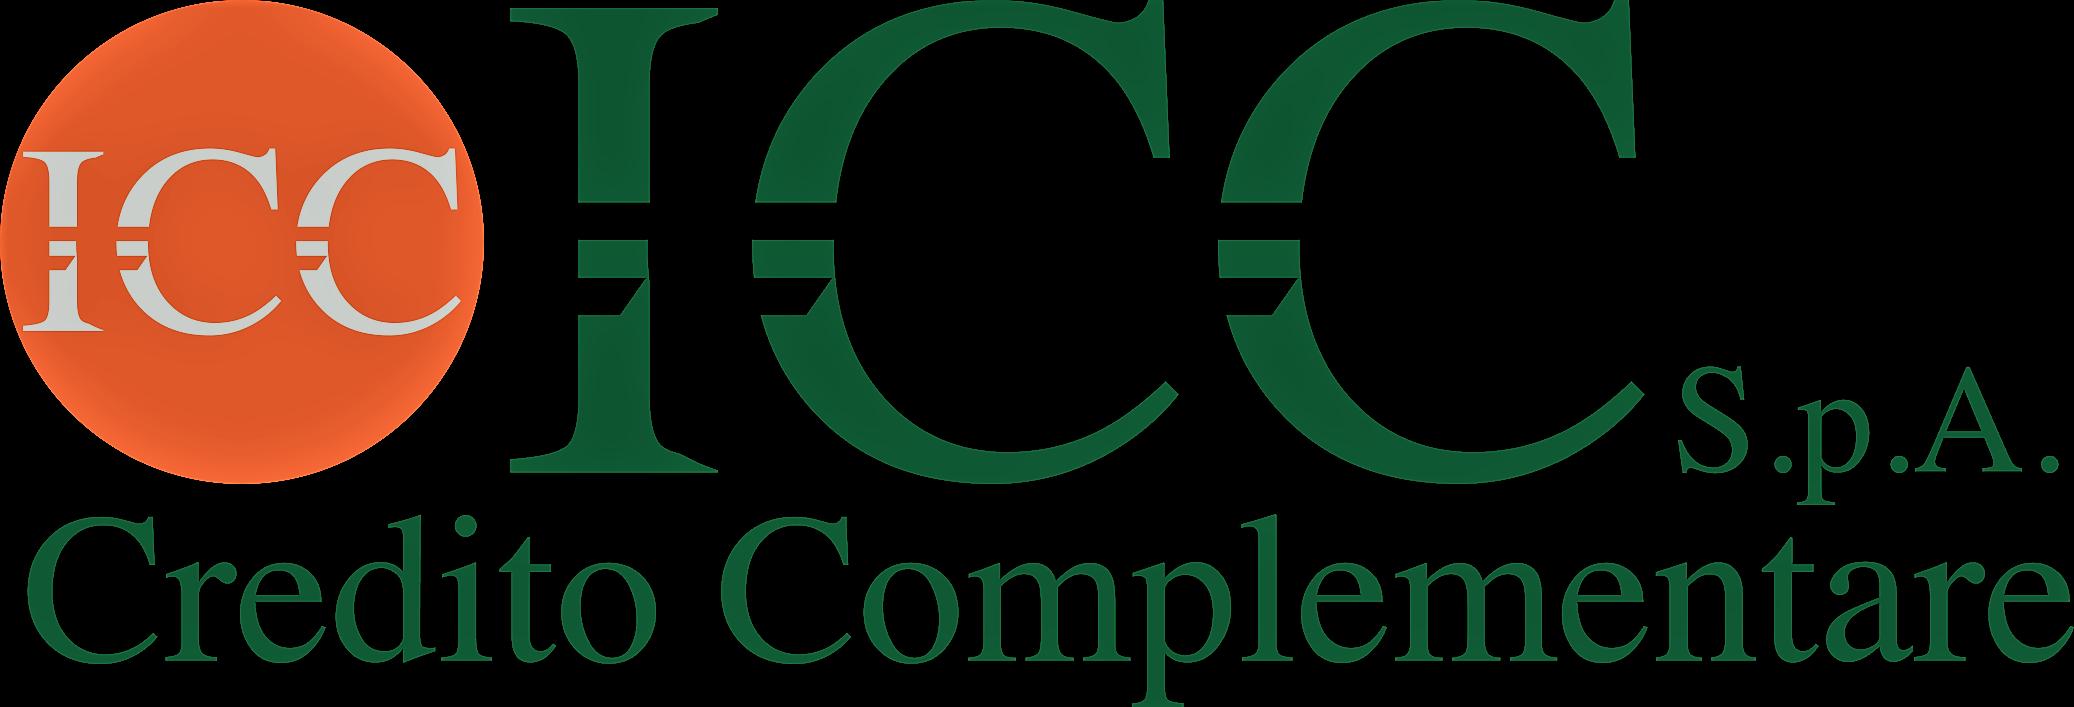 I.C.C. SpA Credito Complementare